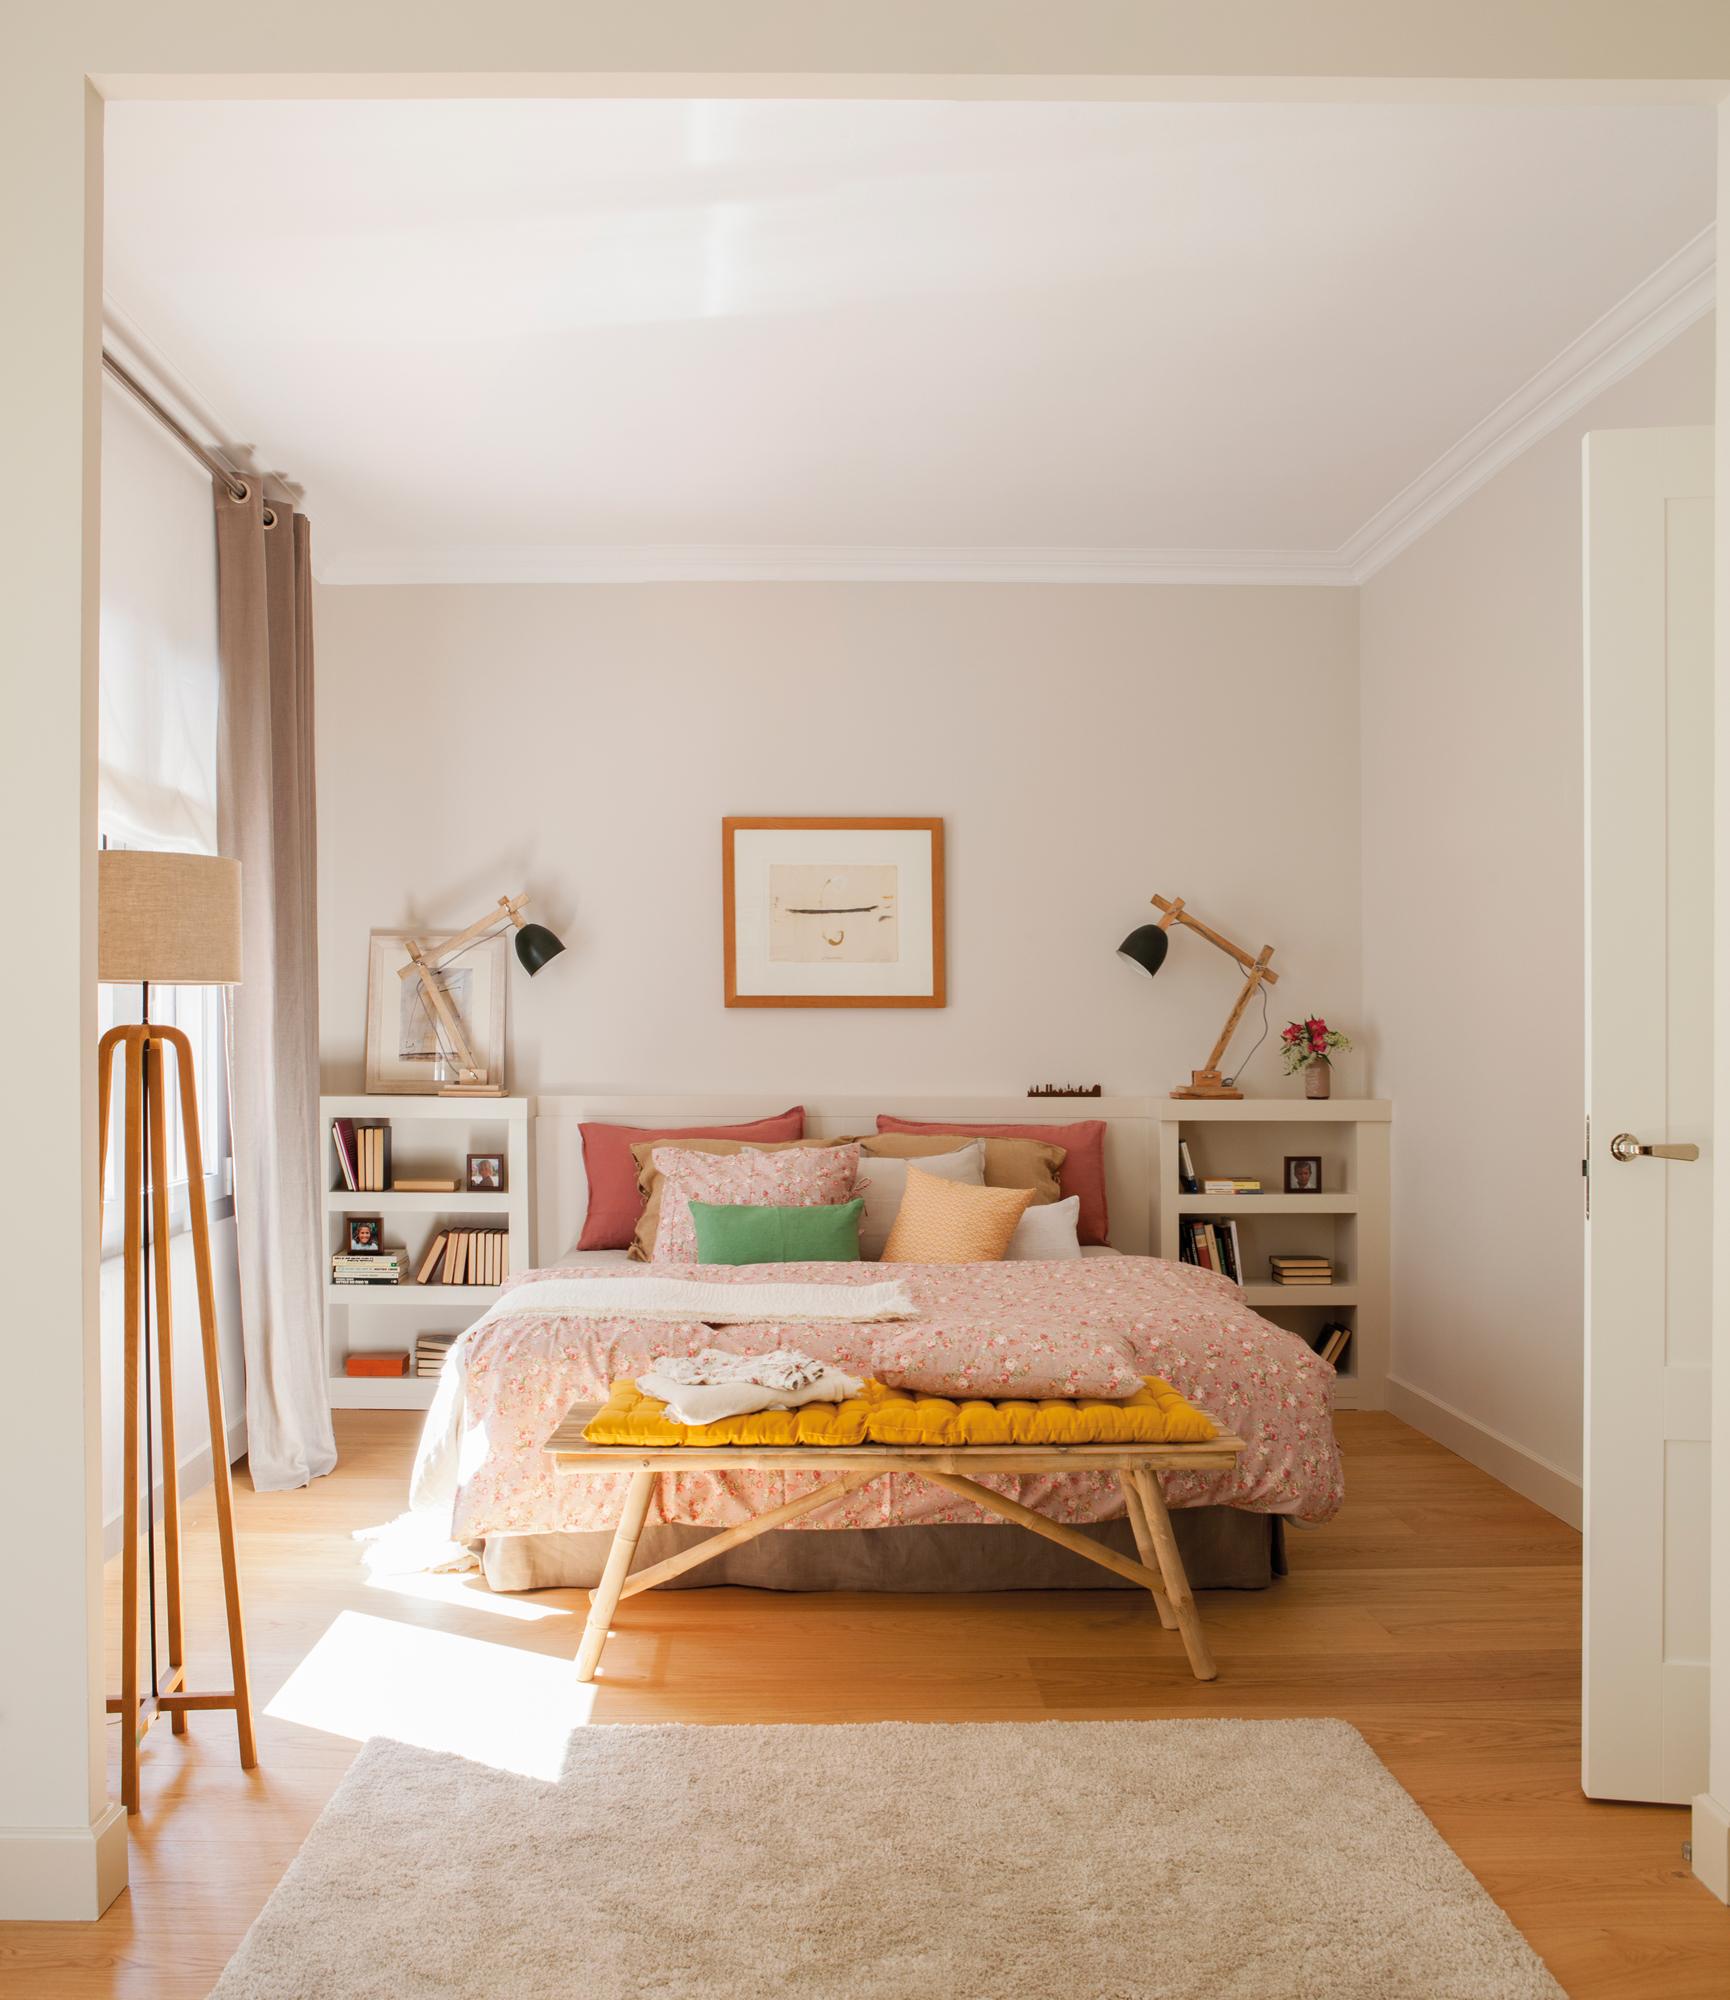 25 dormitorios modernos estilo el mueble - Muebles dormitorio moderno ...